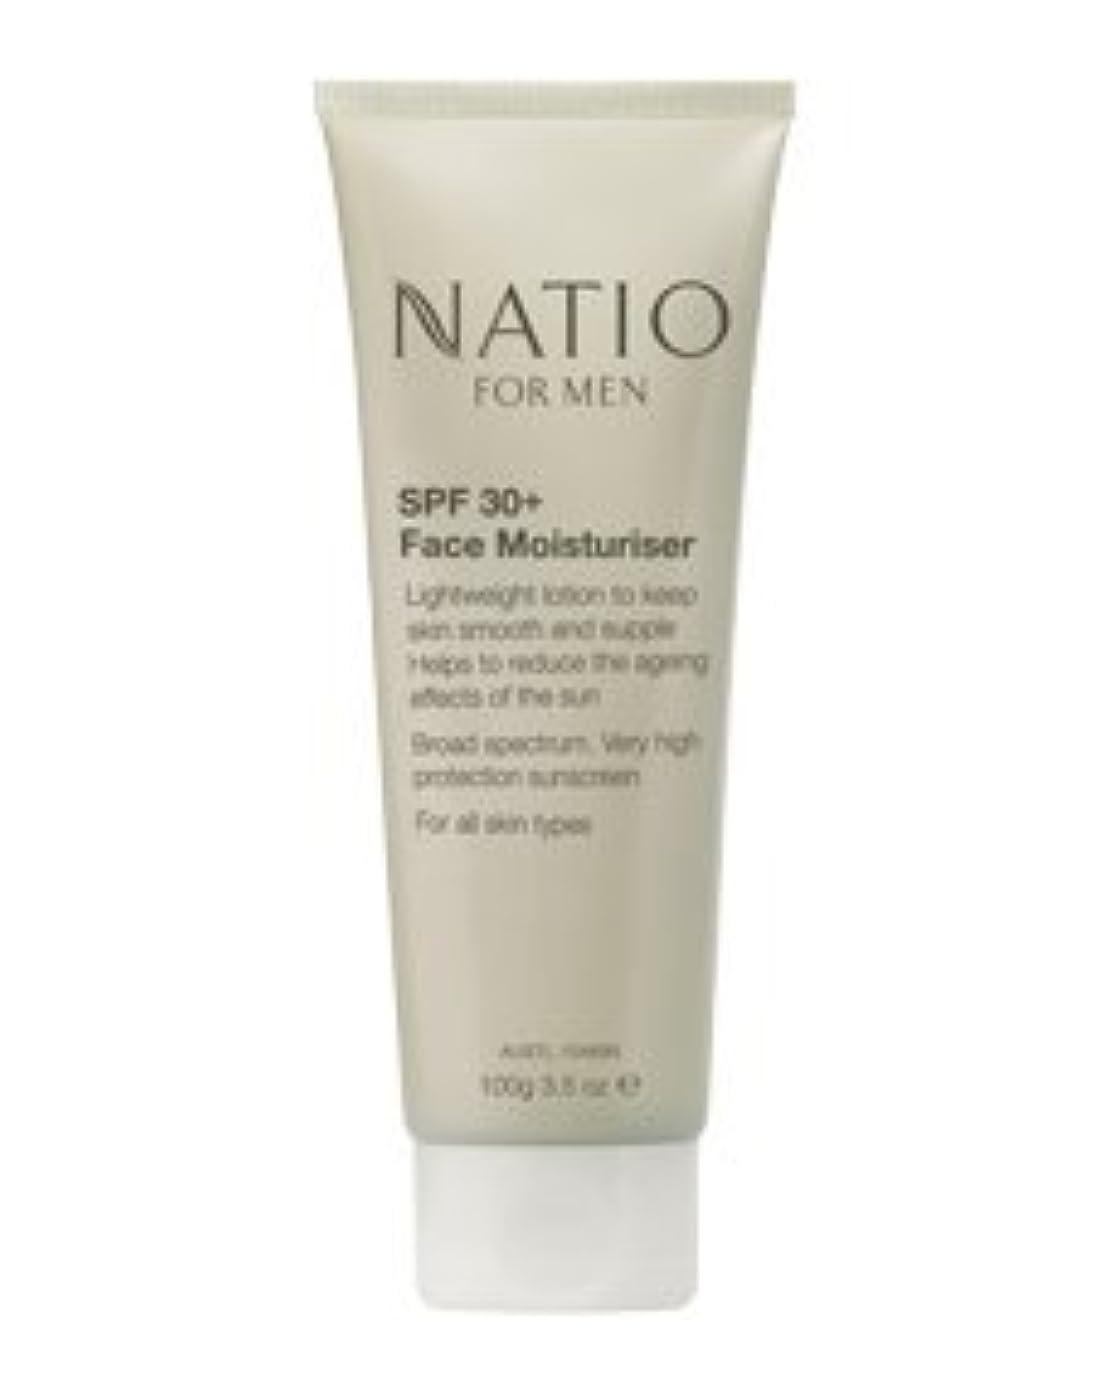 平日みがきますクッション【NATIO FOR MEN SPF 30+ Face Moisturiser】 ナティオ  SPF 30+ フェイス モイスチャライザー [海外直送品]